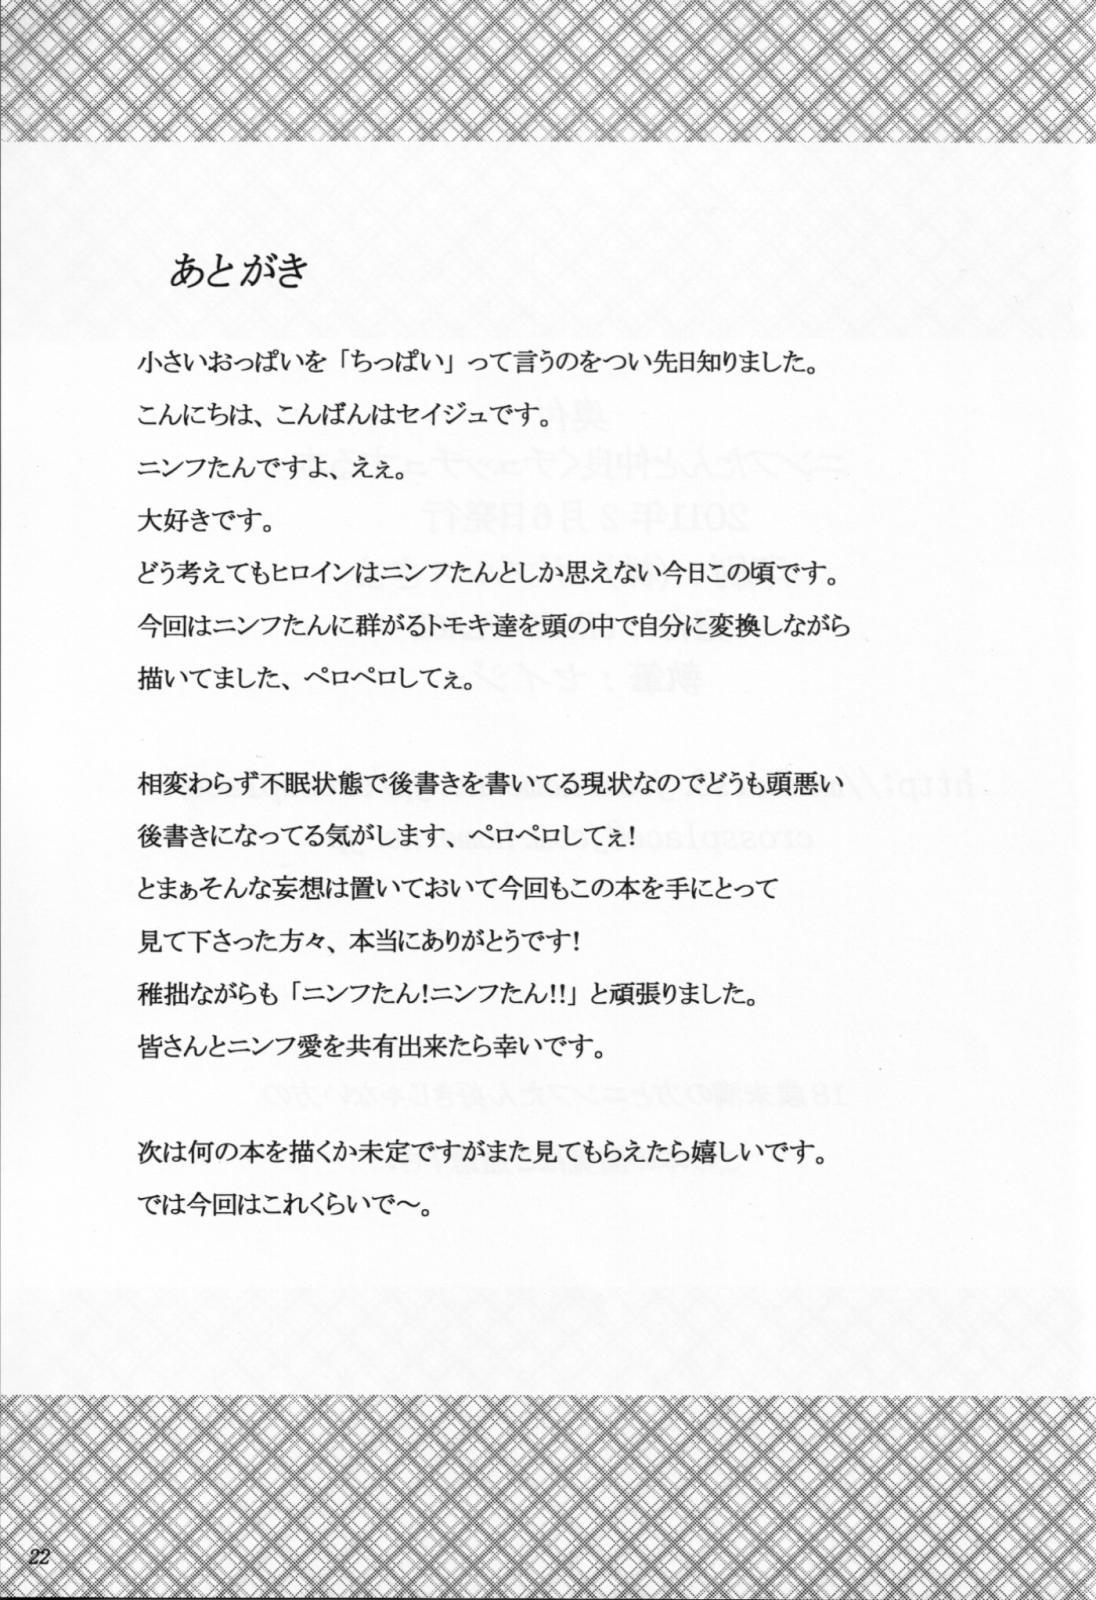 Nymph-tan to Nakayoku Chucchu suru Hon 19